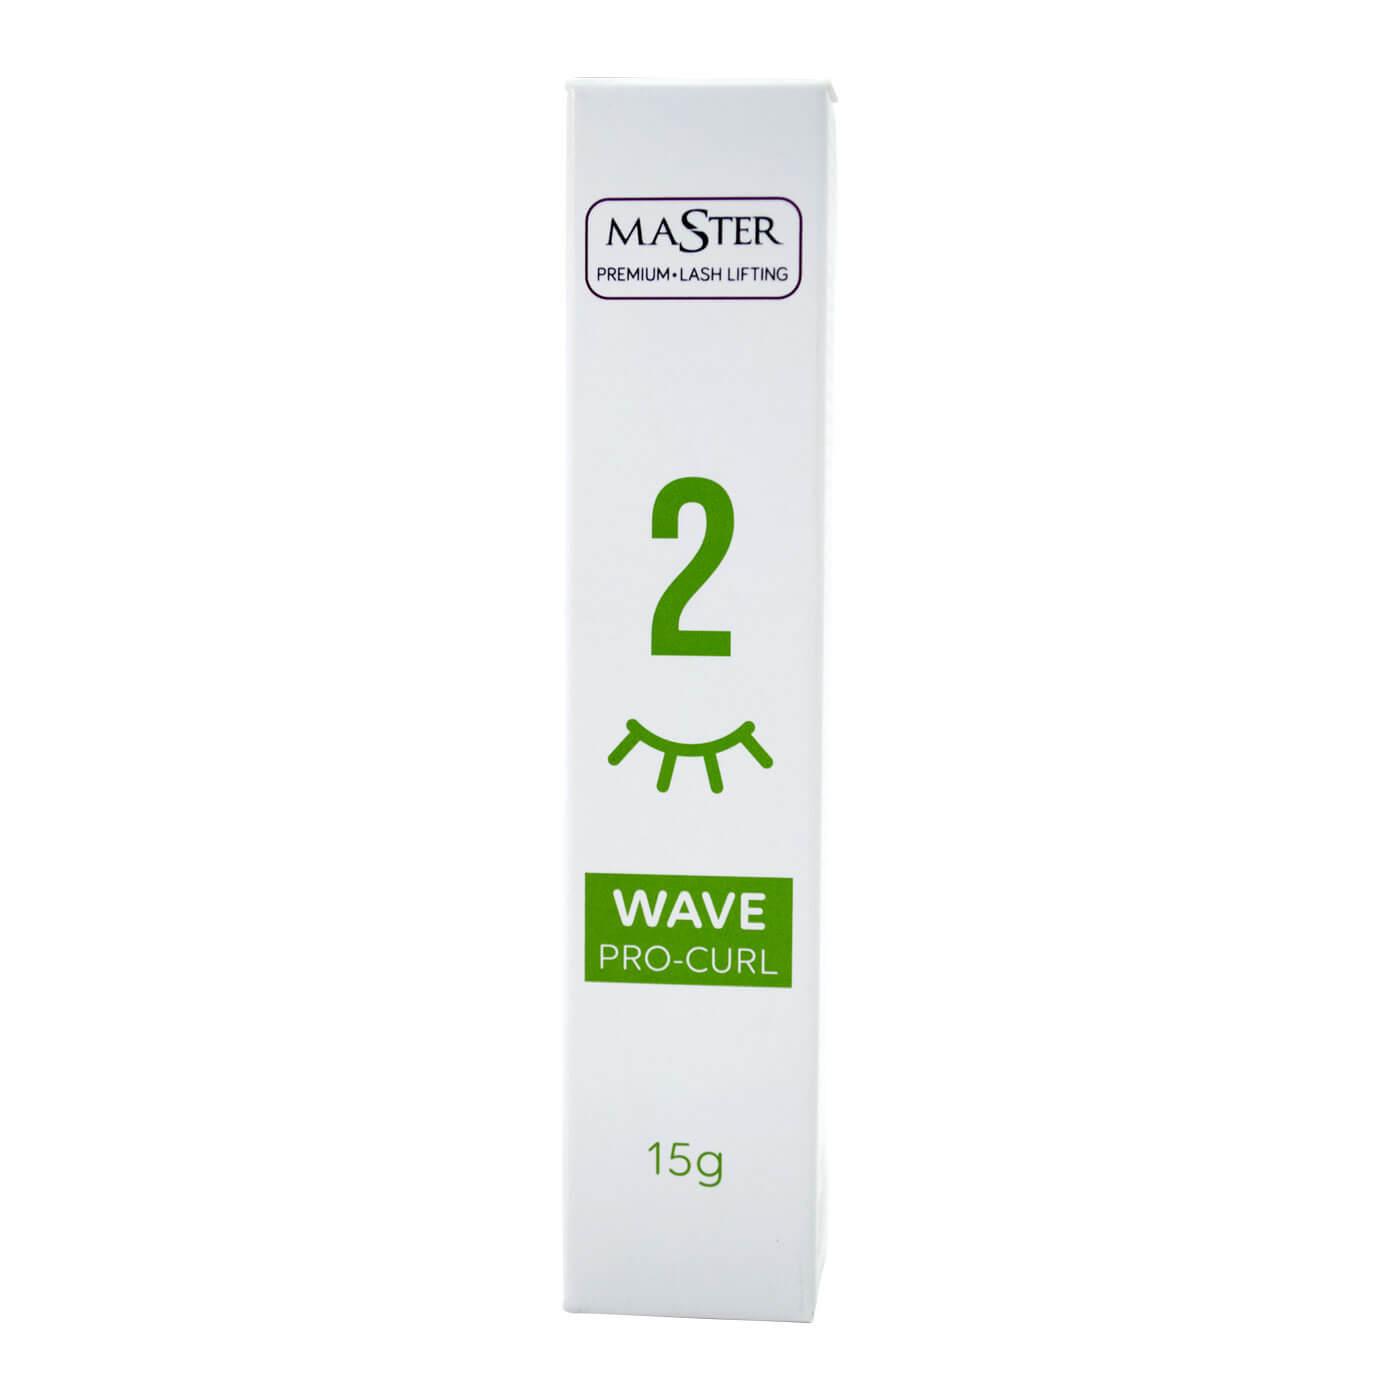 Master Premium Wave Pro-Curl 15g